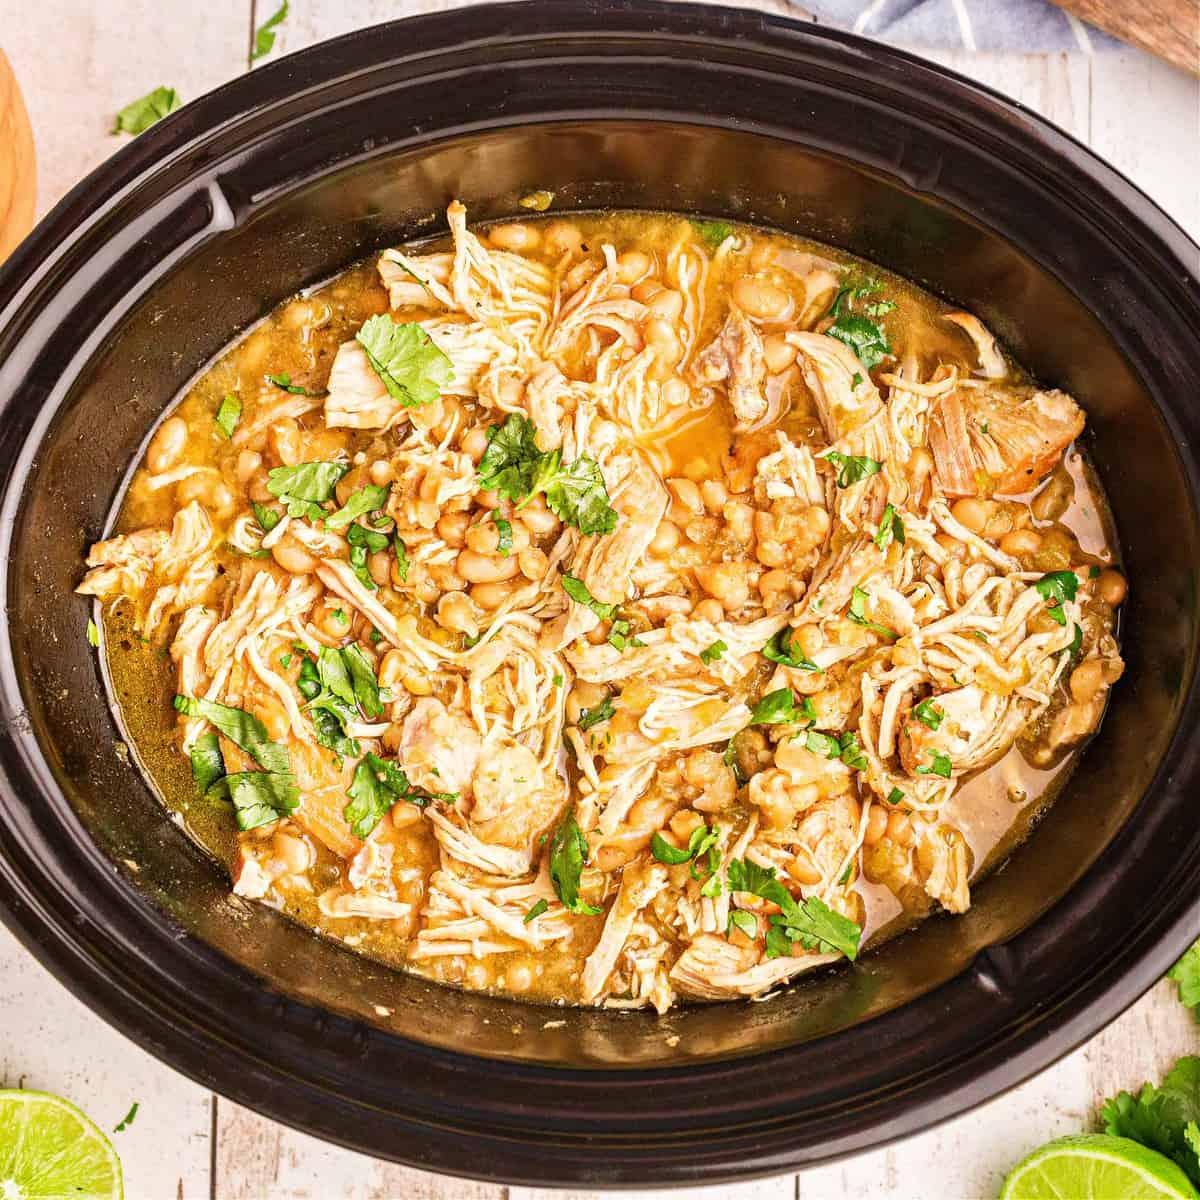 White Chicken Chili in Crock Pot square image